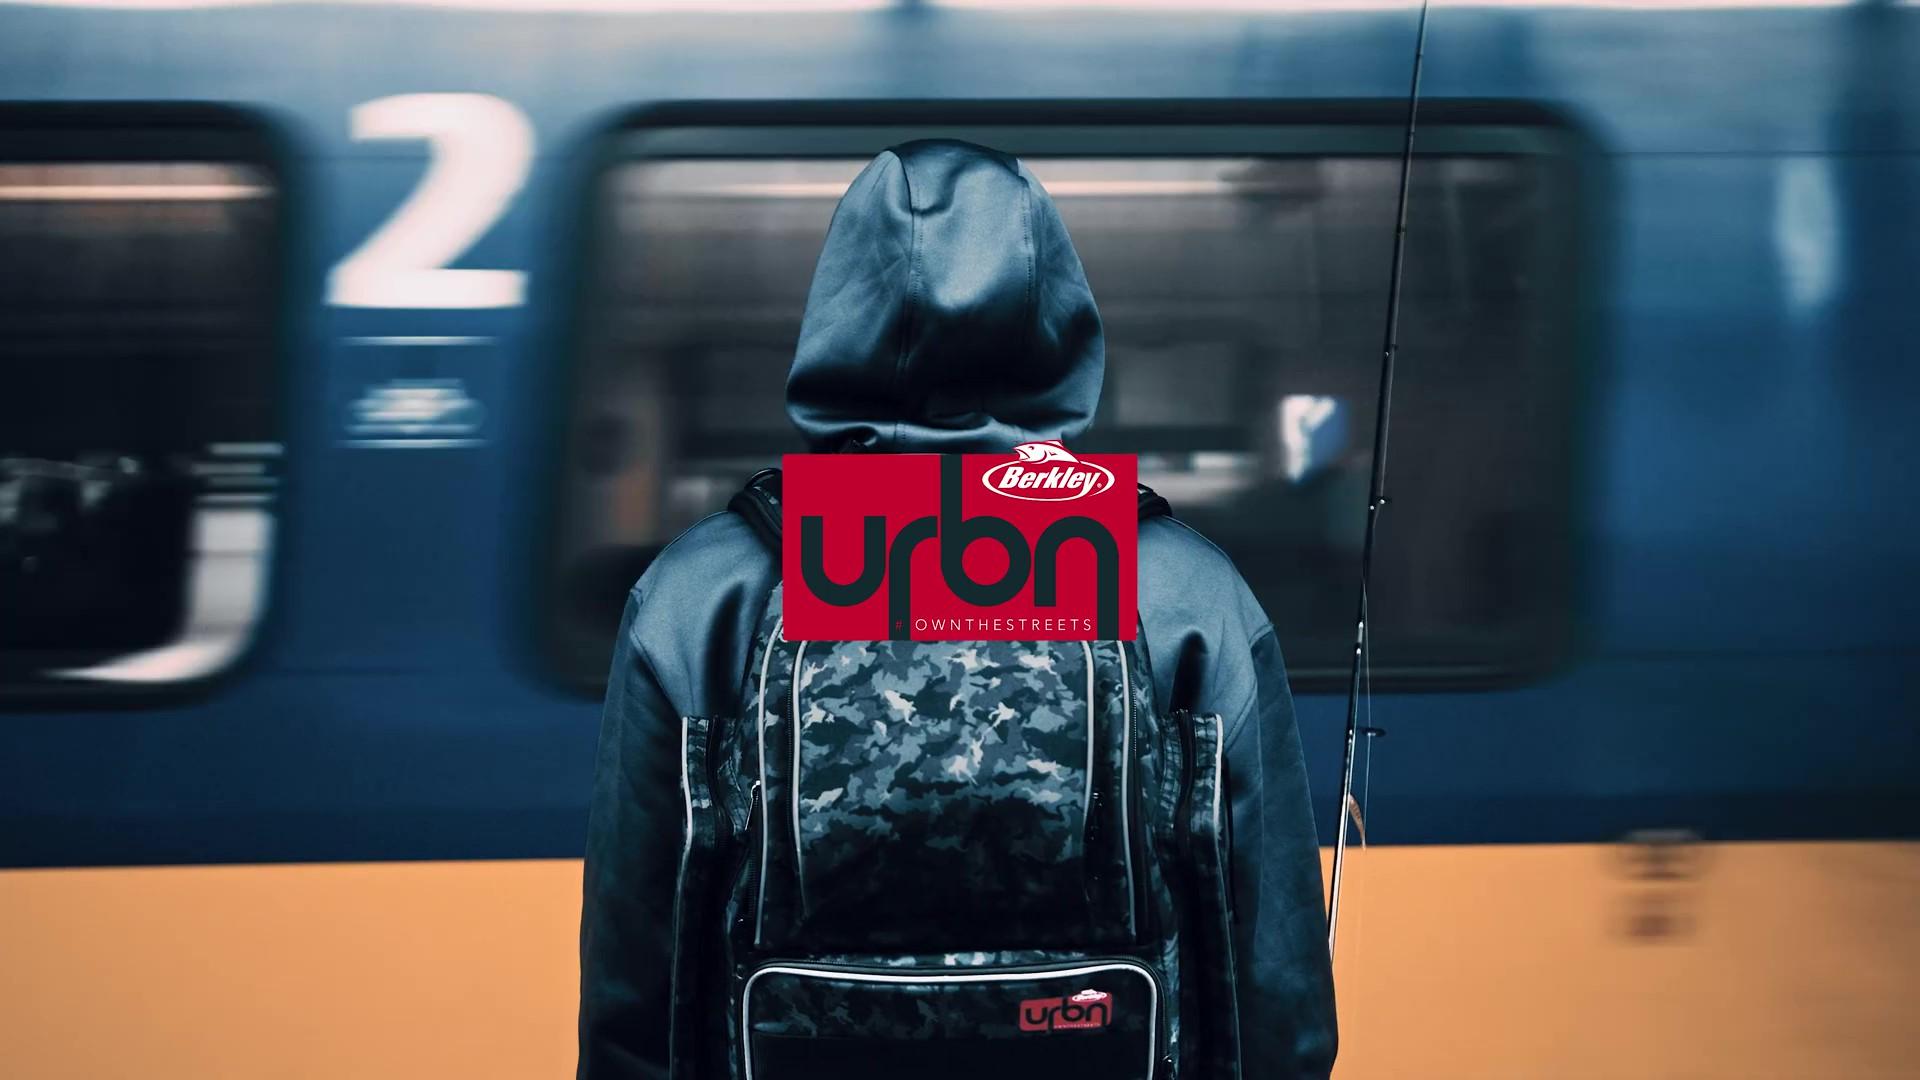 1. URBN Full Video_Moment.jpg